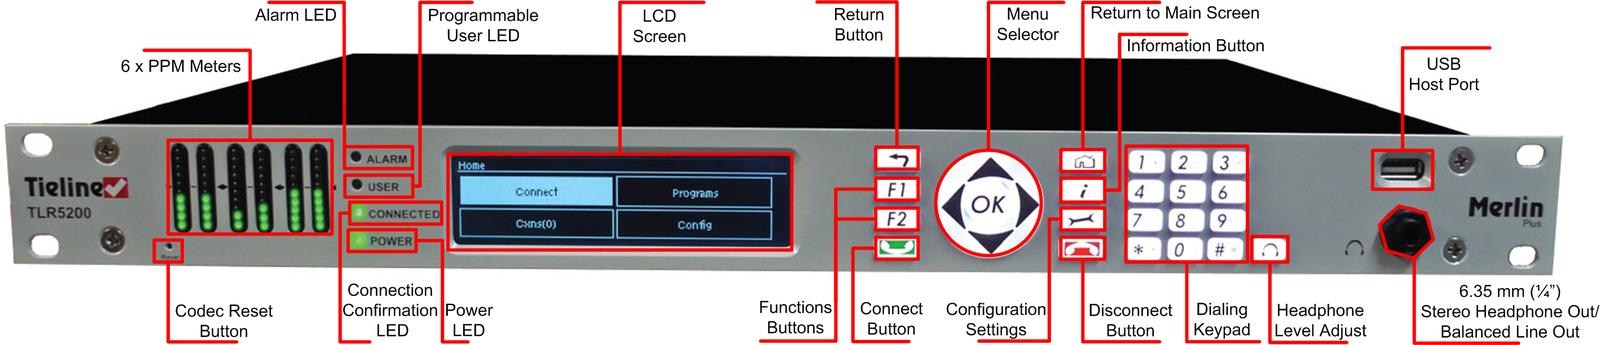 814_Merlin_PLUS_rack_unit_front_panel_description_v.1.0